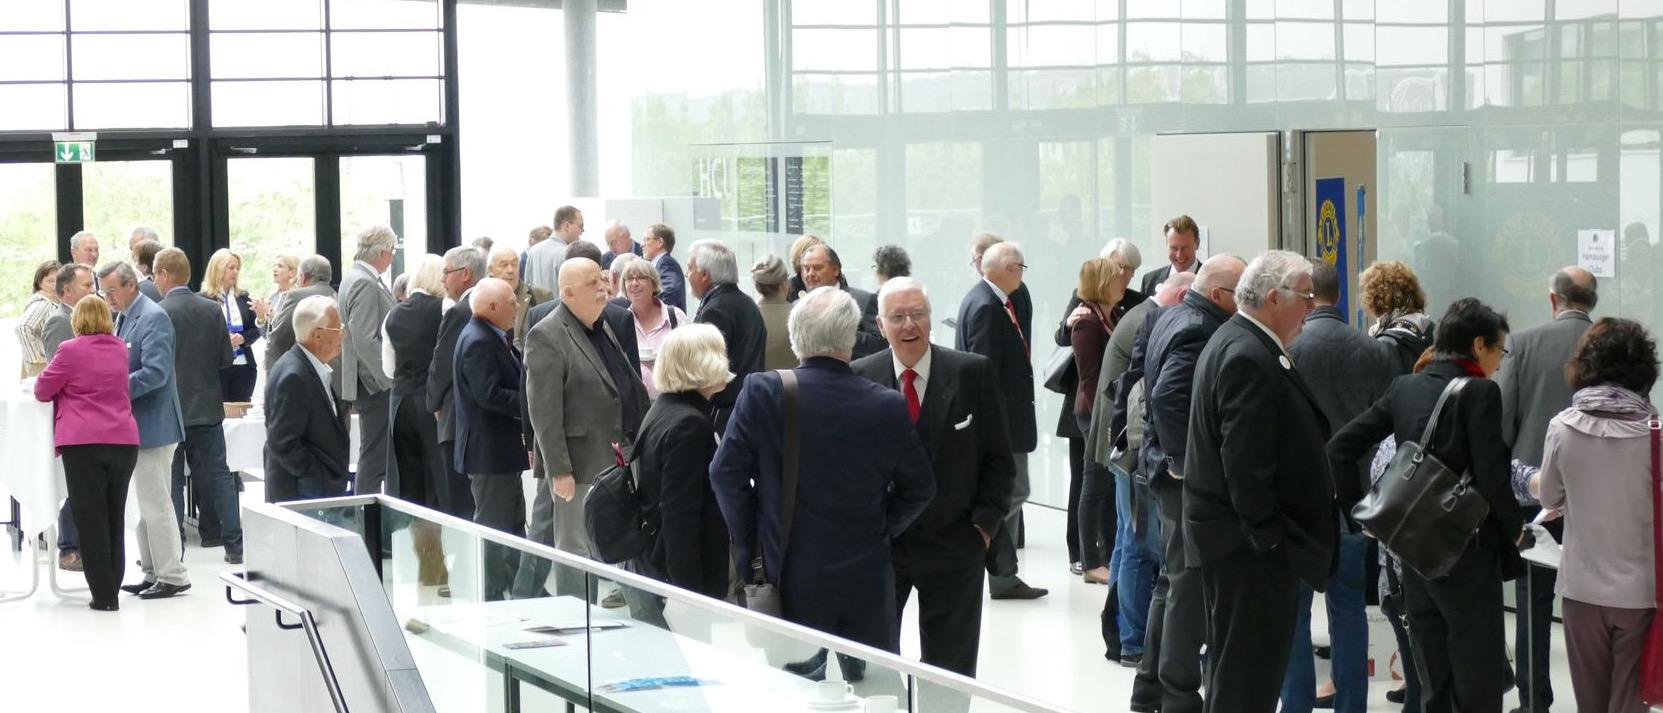 Ankunft der Teilnehmenden im Foyer eines Versammlungsortes.